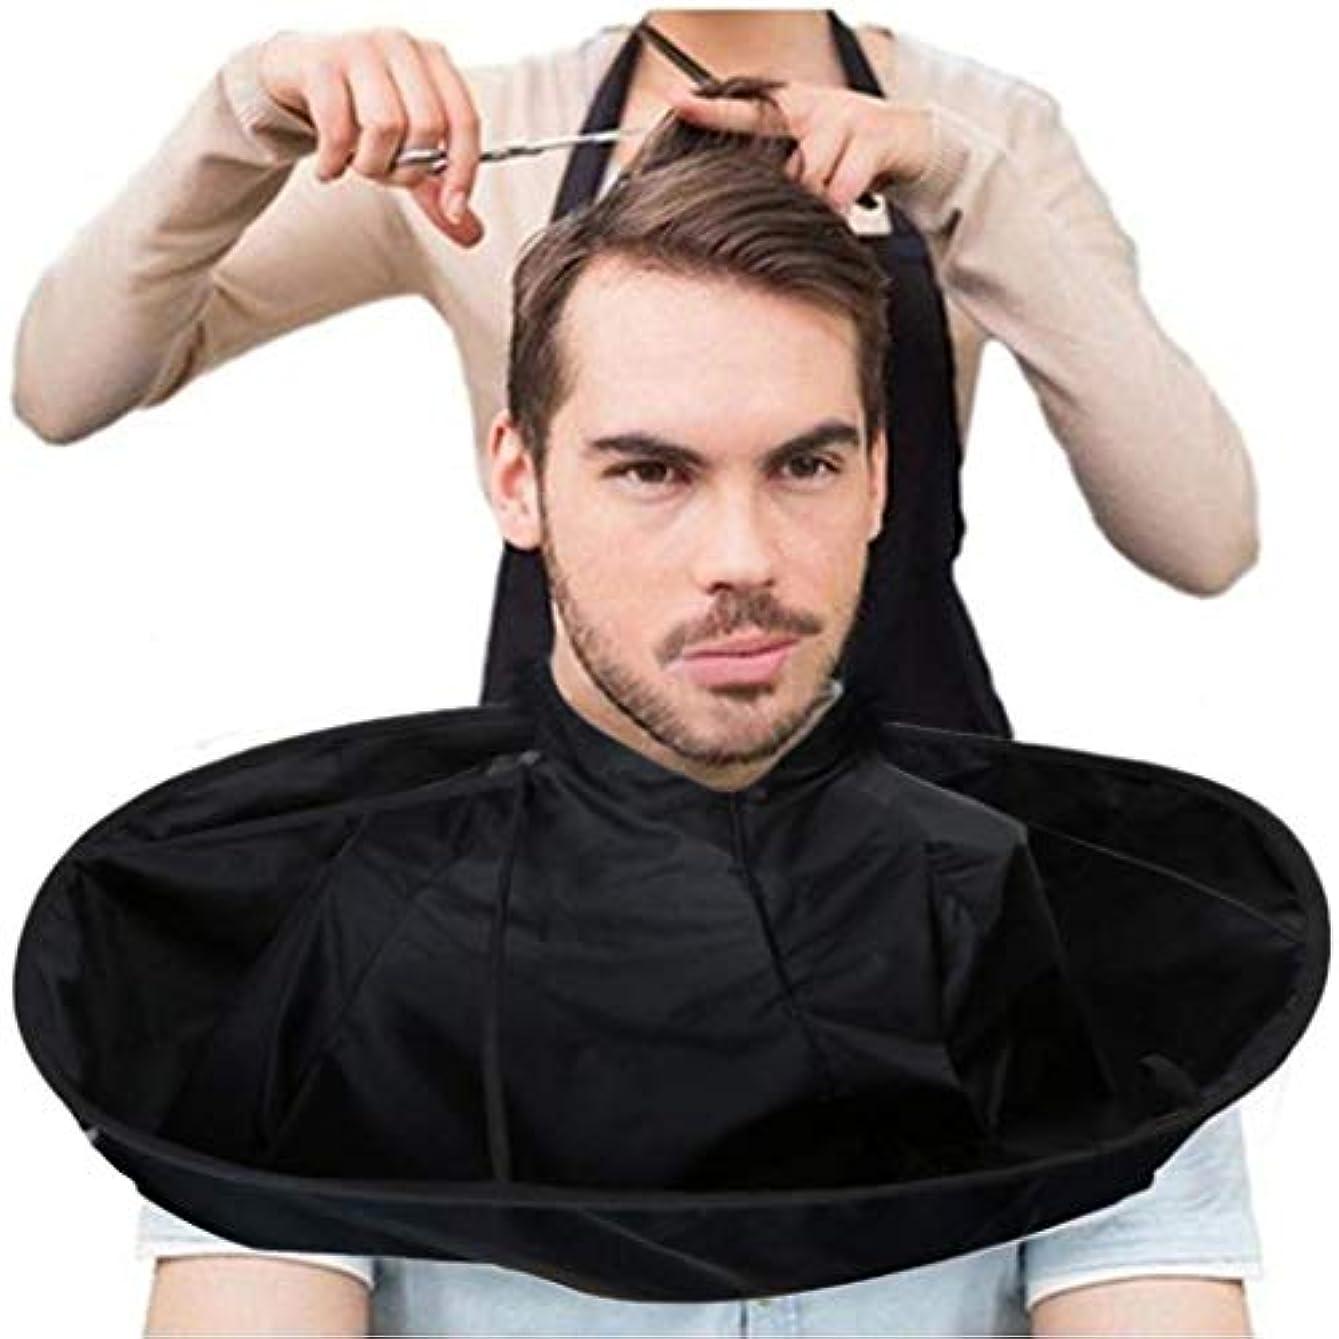 選ぶコースなんとなくOrient Direct 美容師のための理髪師のマントの練習のヘアカットのよだれかけのヘアカットのエプロン